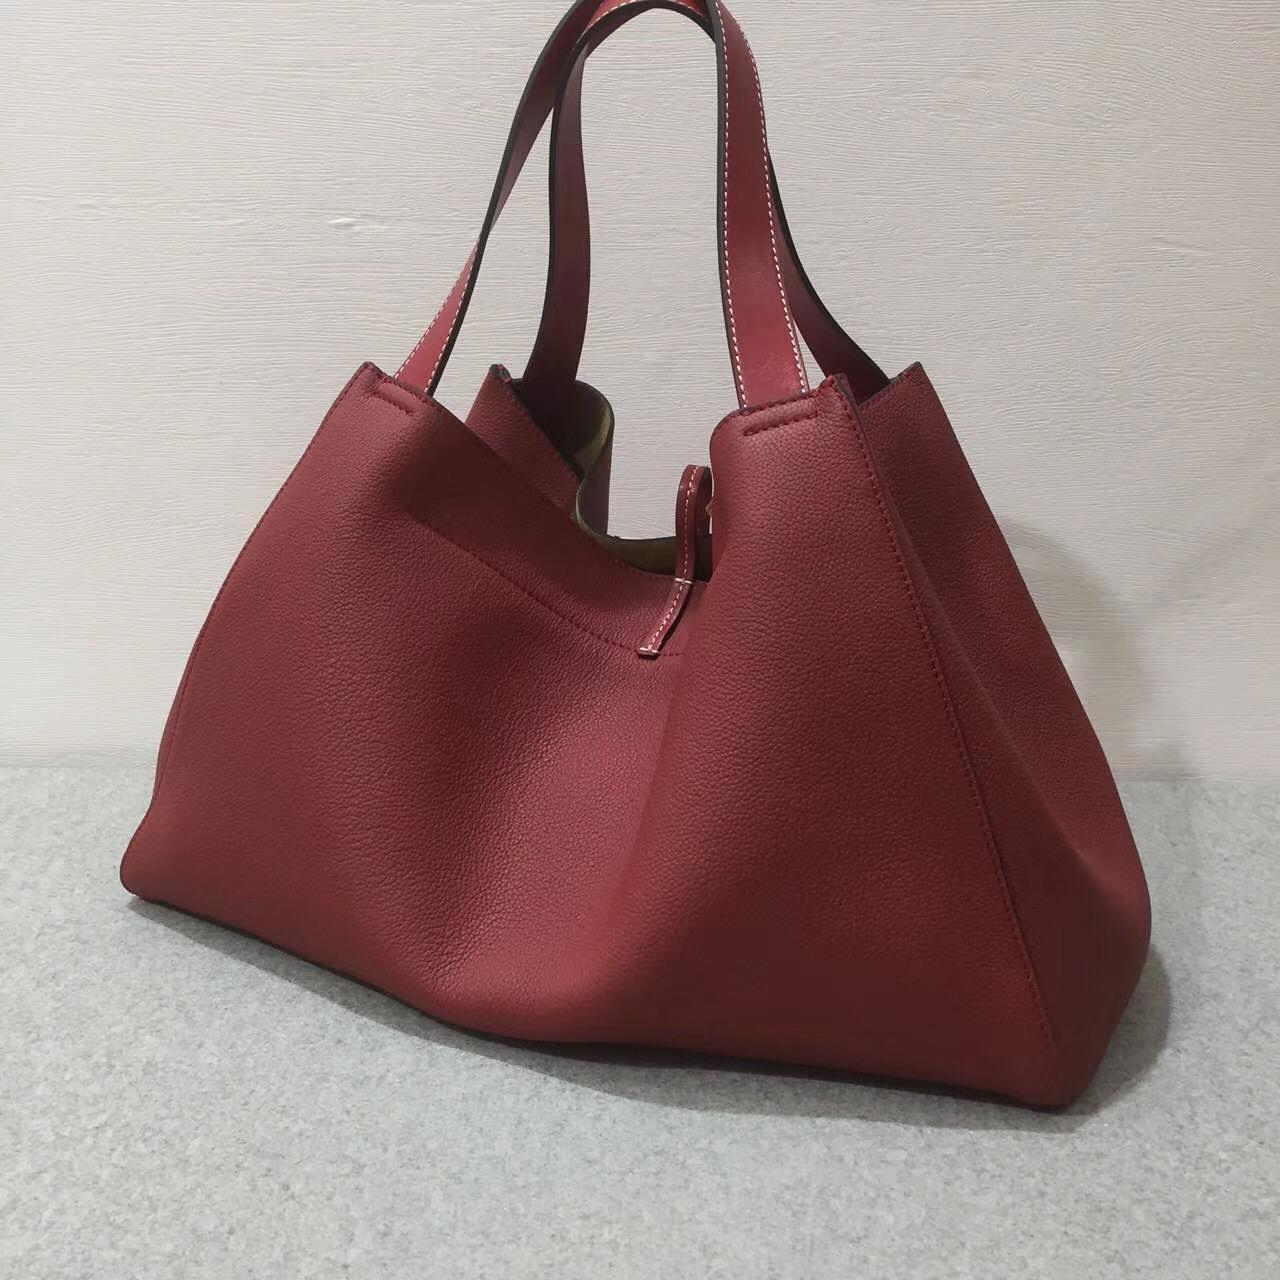 loewe羅意威巴塞羅那包 Barcelona Tote Bag 胭脂紅